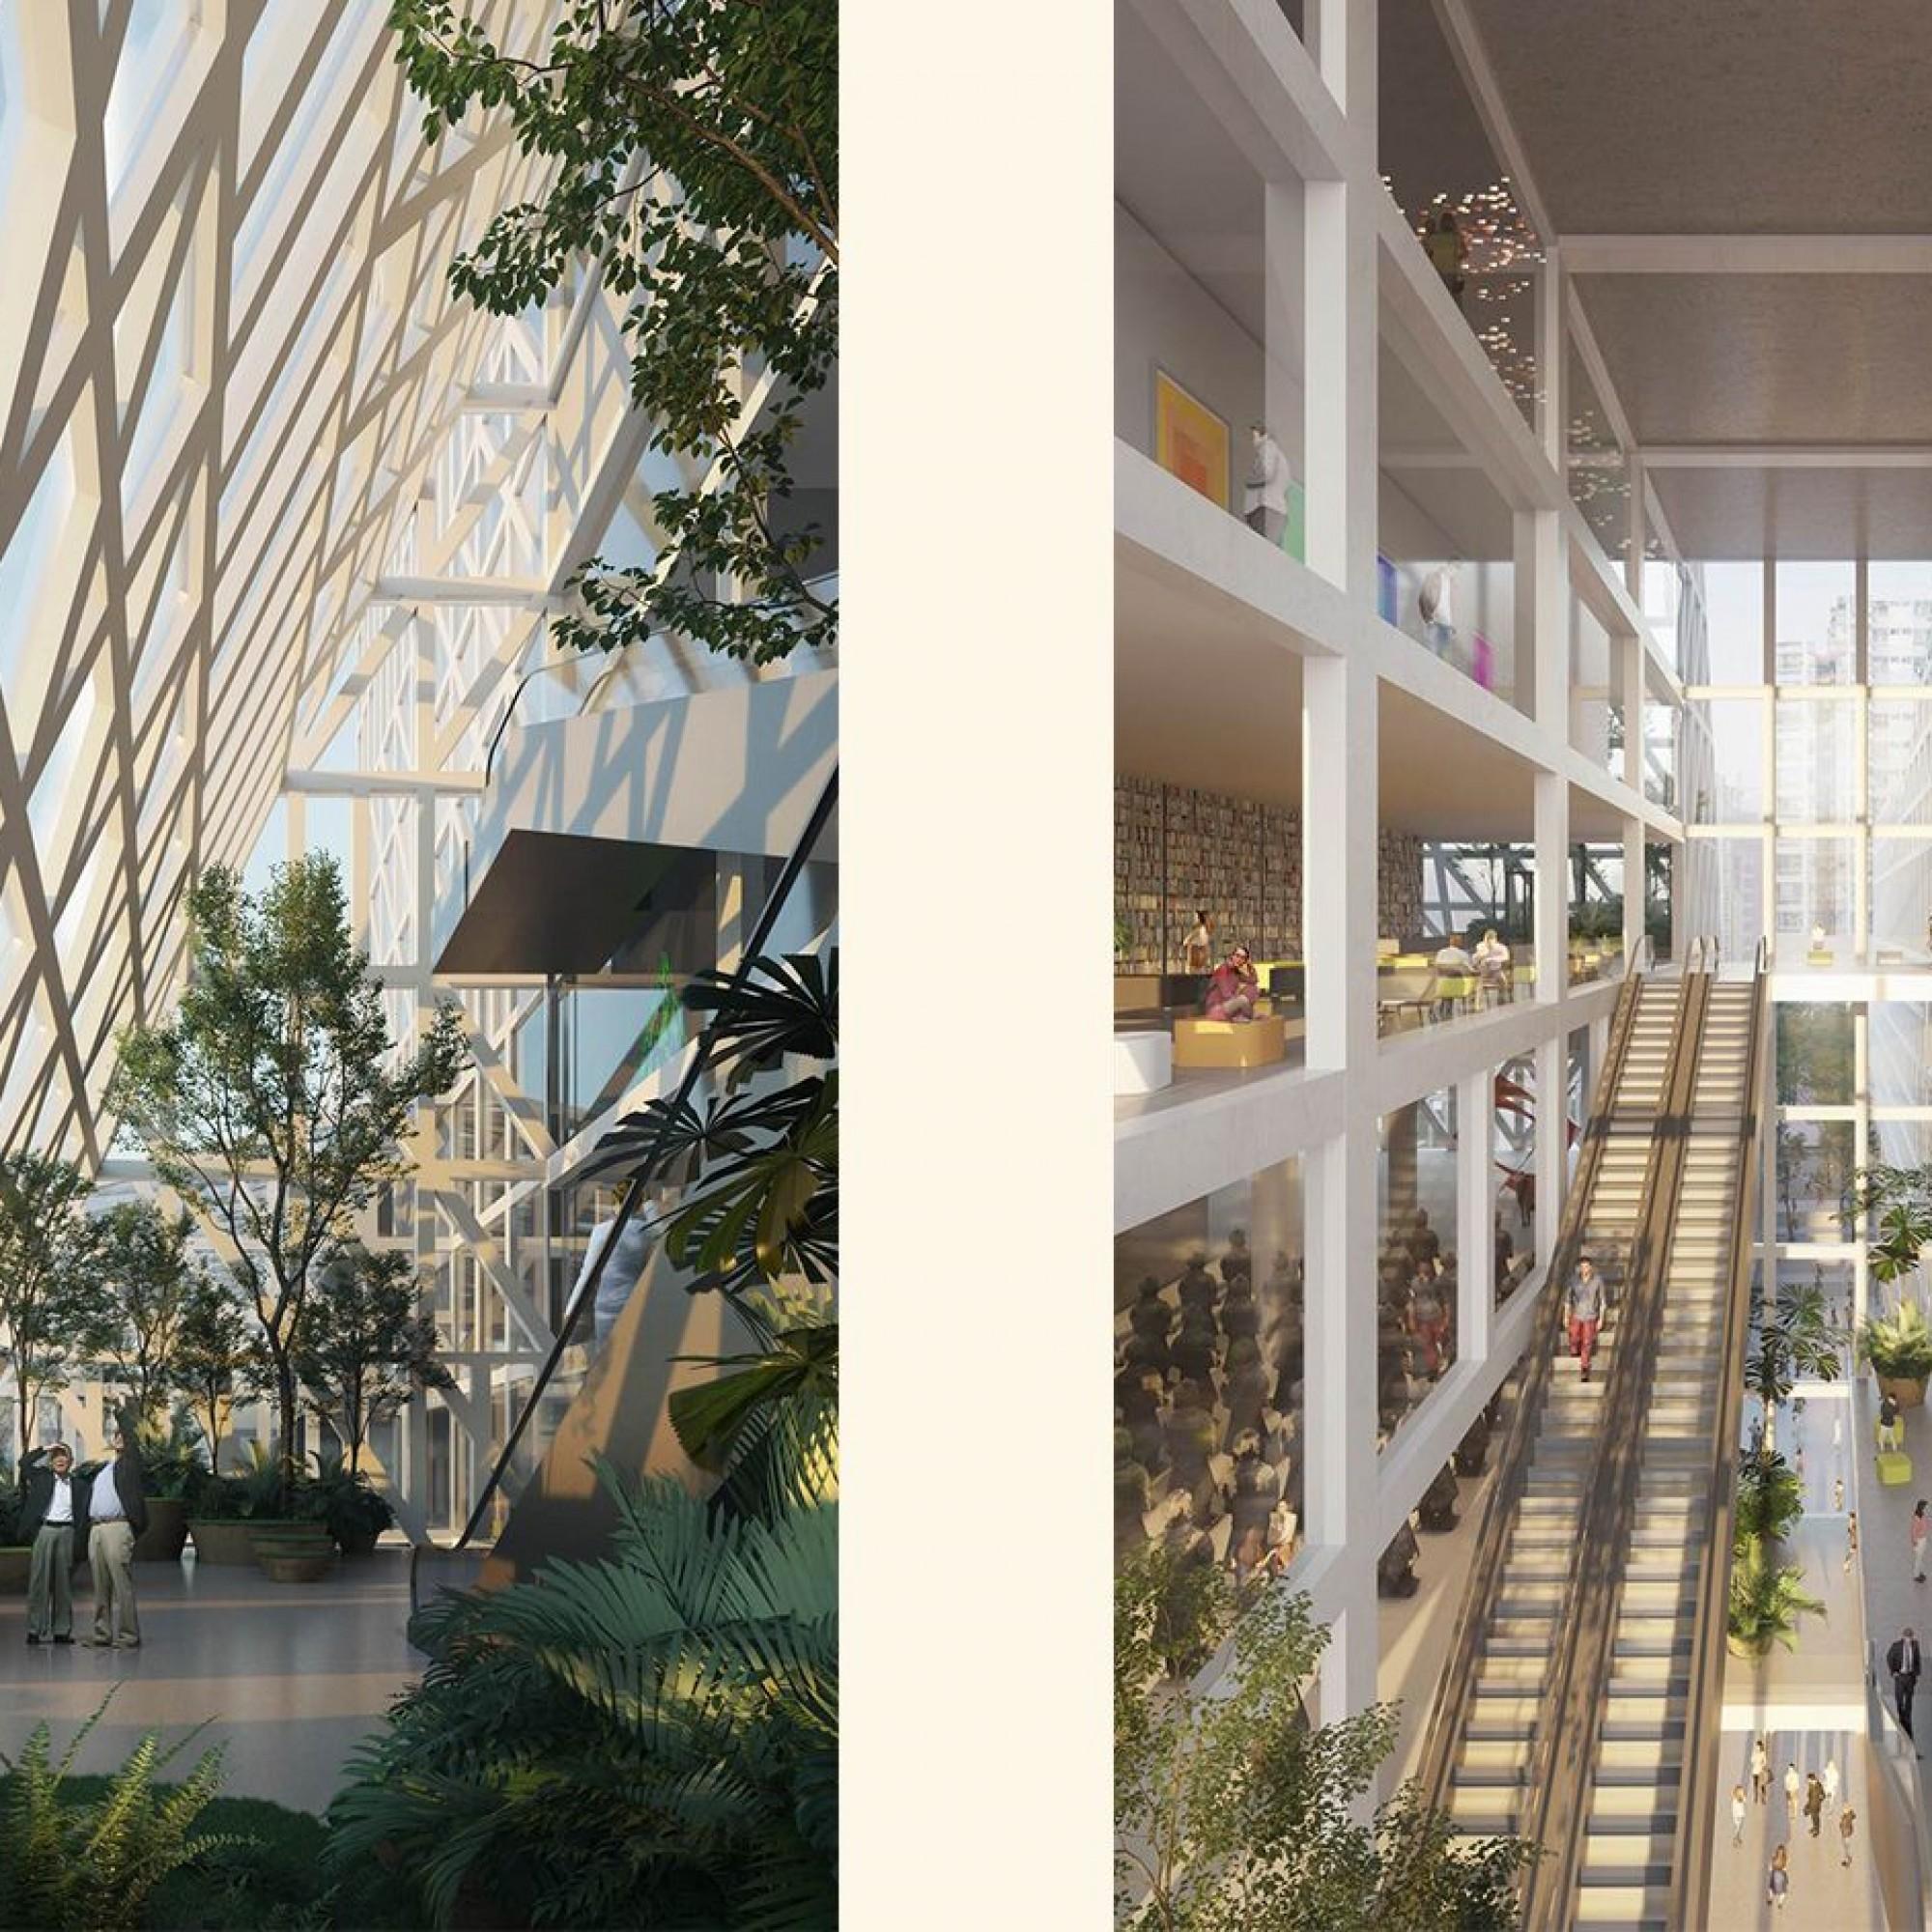 Der Innenbereich wird durch mehrere Grünräume geprägt und durch die Glasfassade offen für Tageslicht sein.